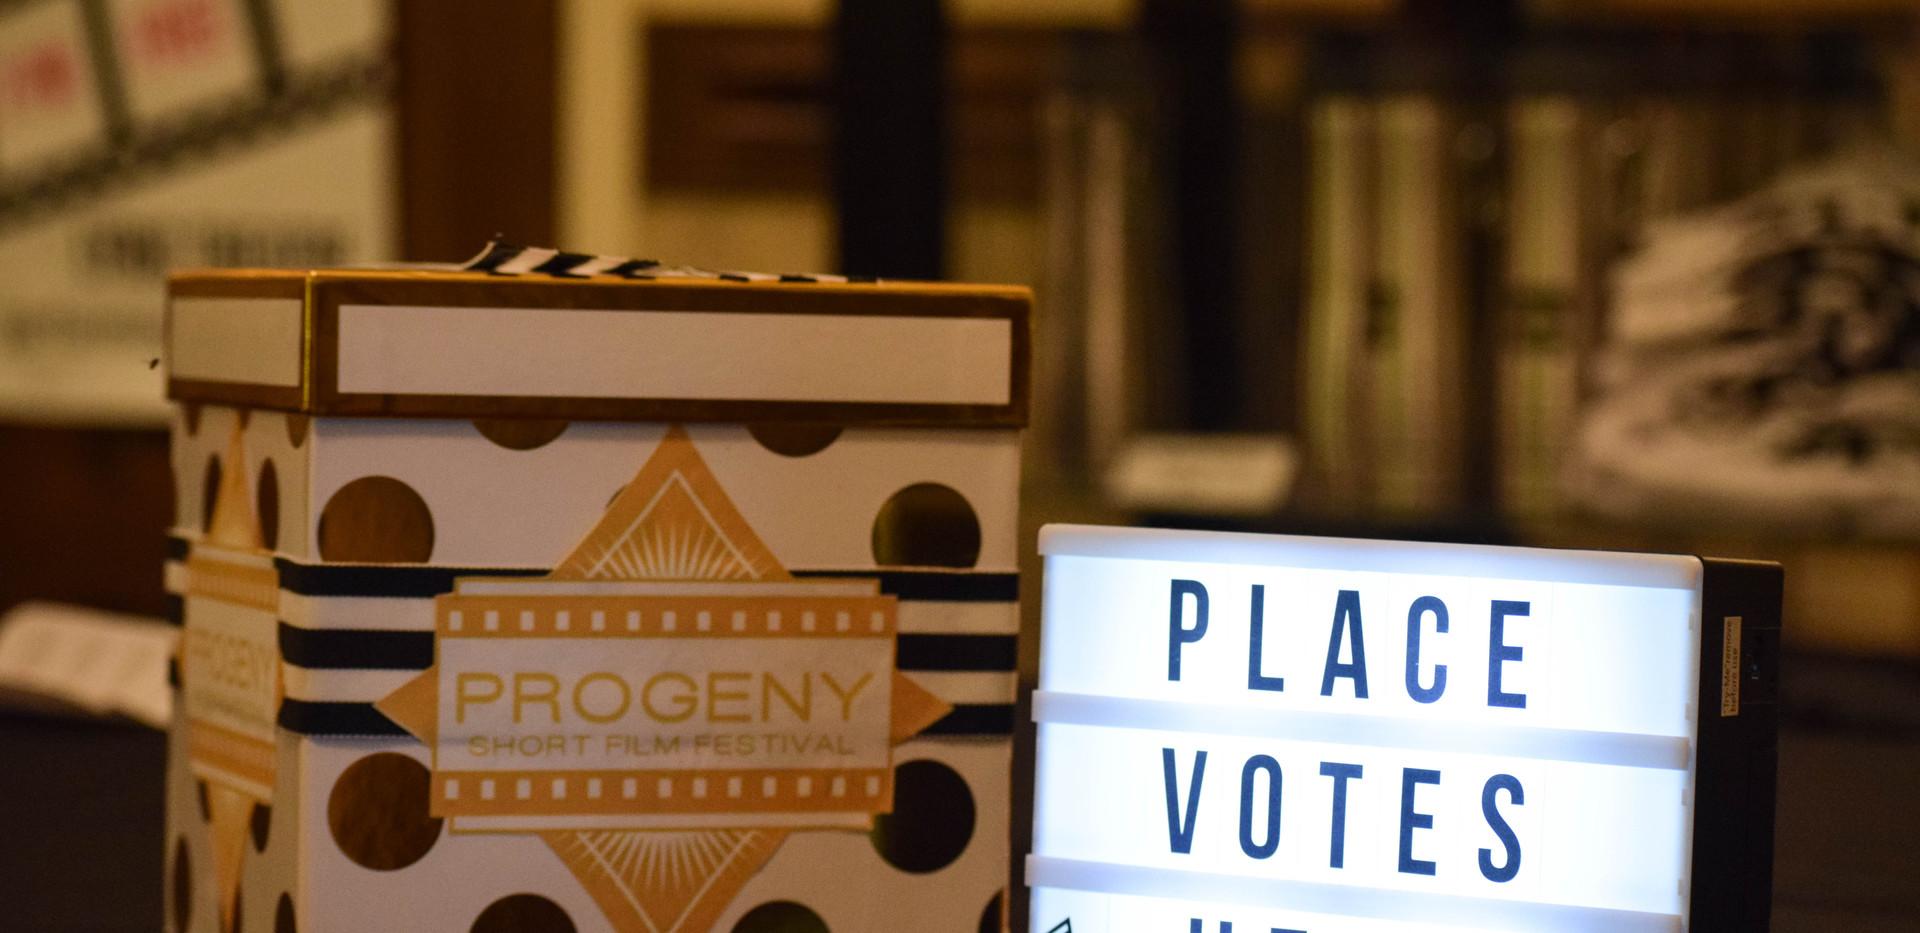 2018 Progeny Short Film Festival Voting Station.